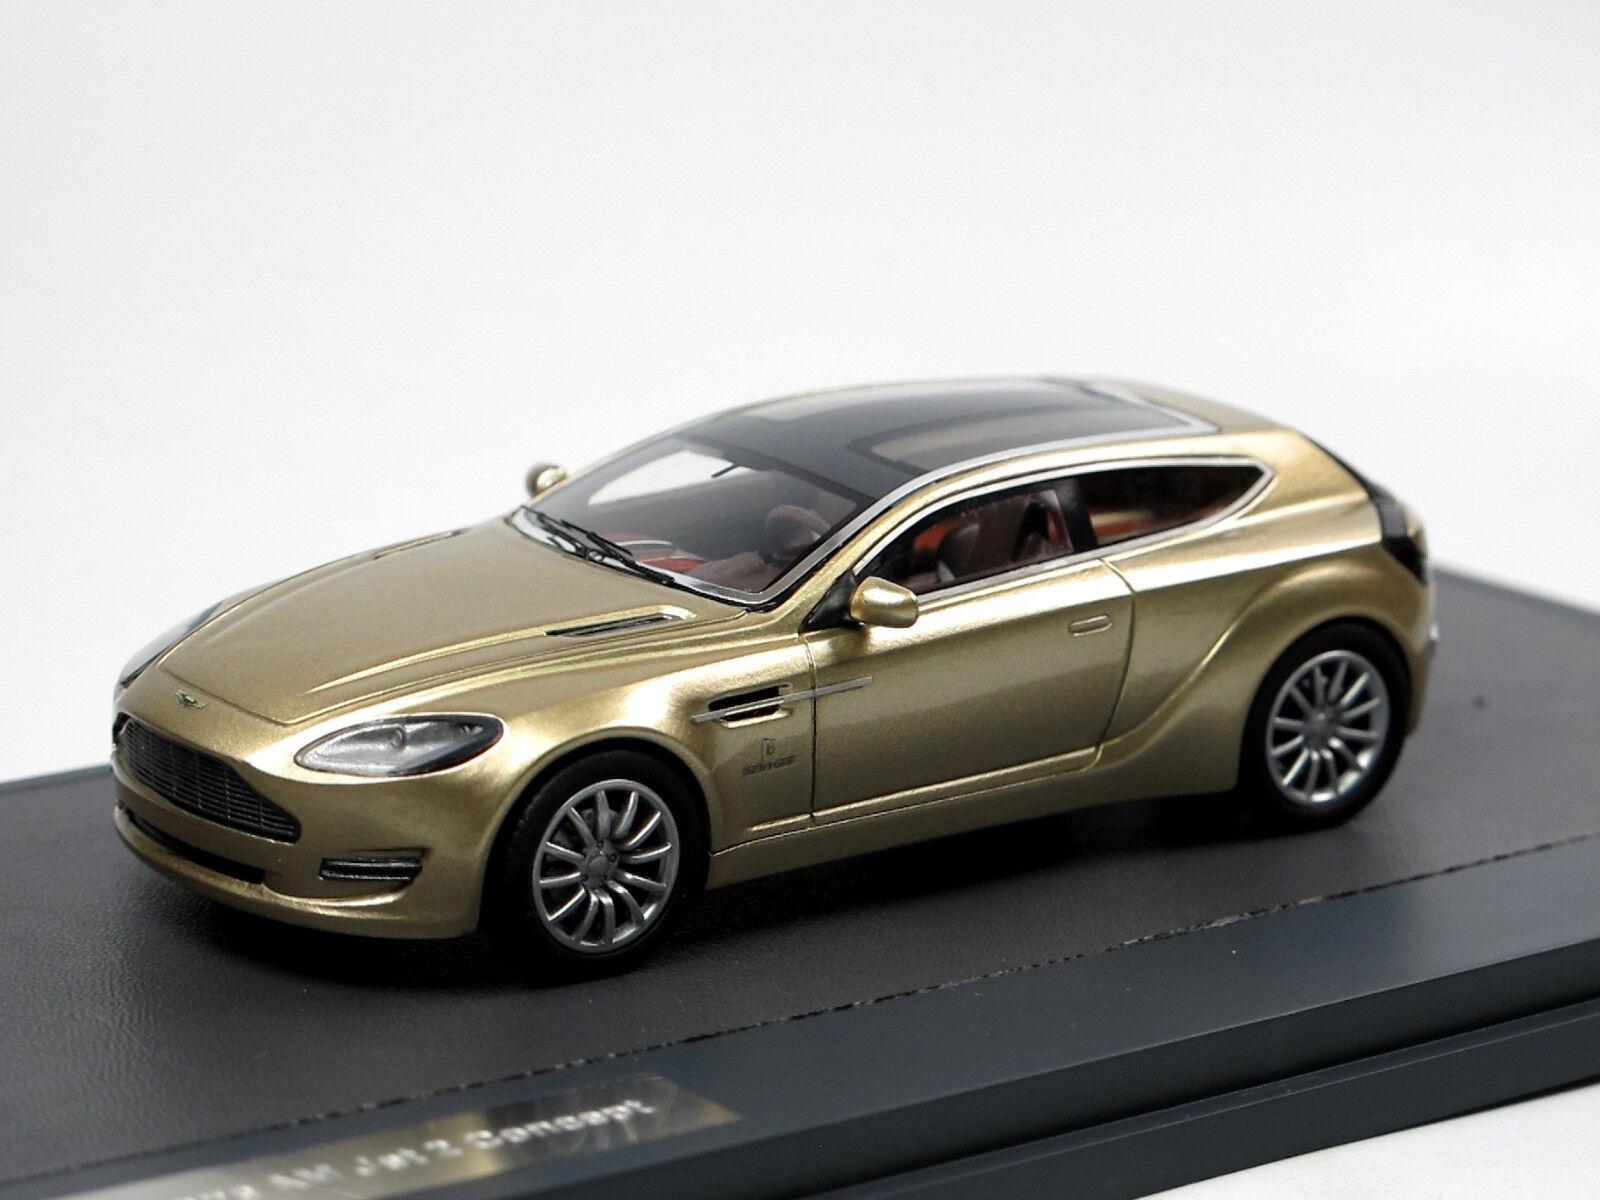 Matrix Scale Models 2013 Aston Martin Bertone Jet 2 Concept Gold 1 43  | Qualität und Verbraucher an erster Stelle